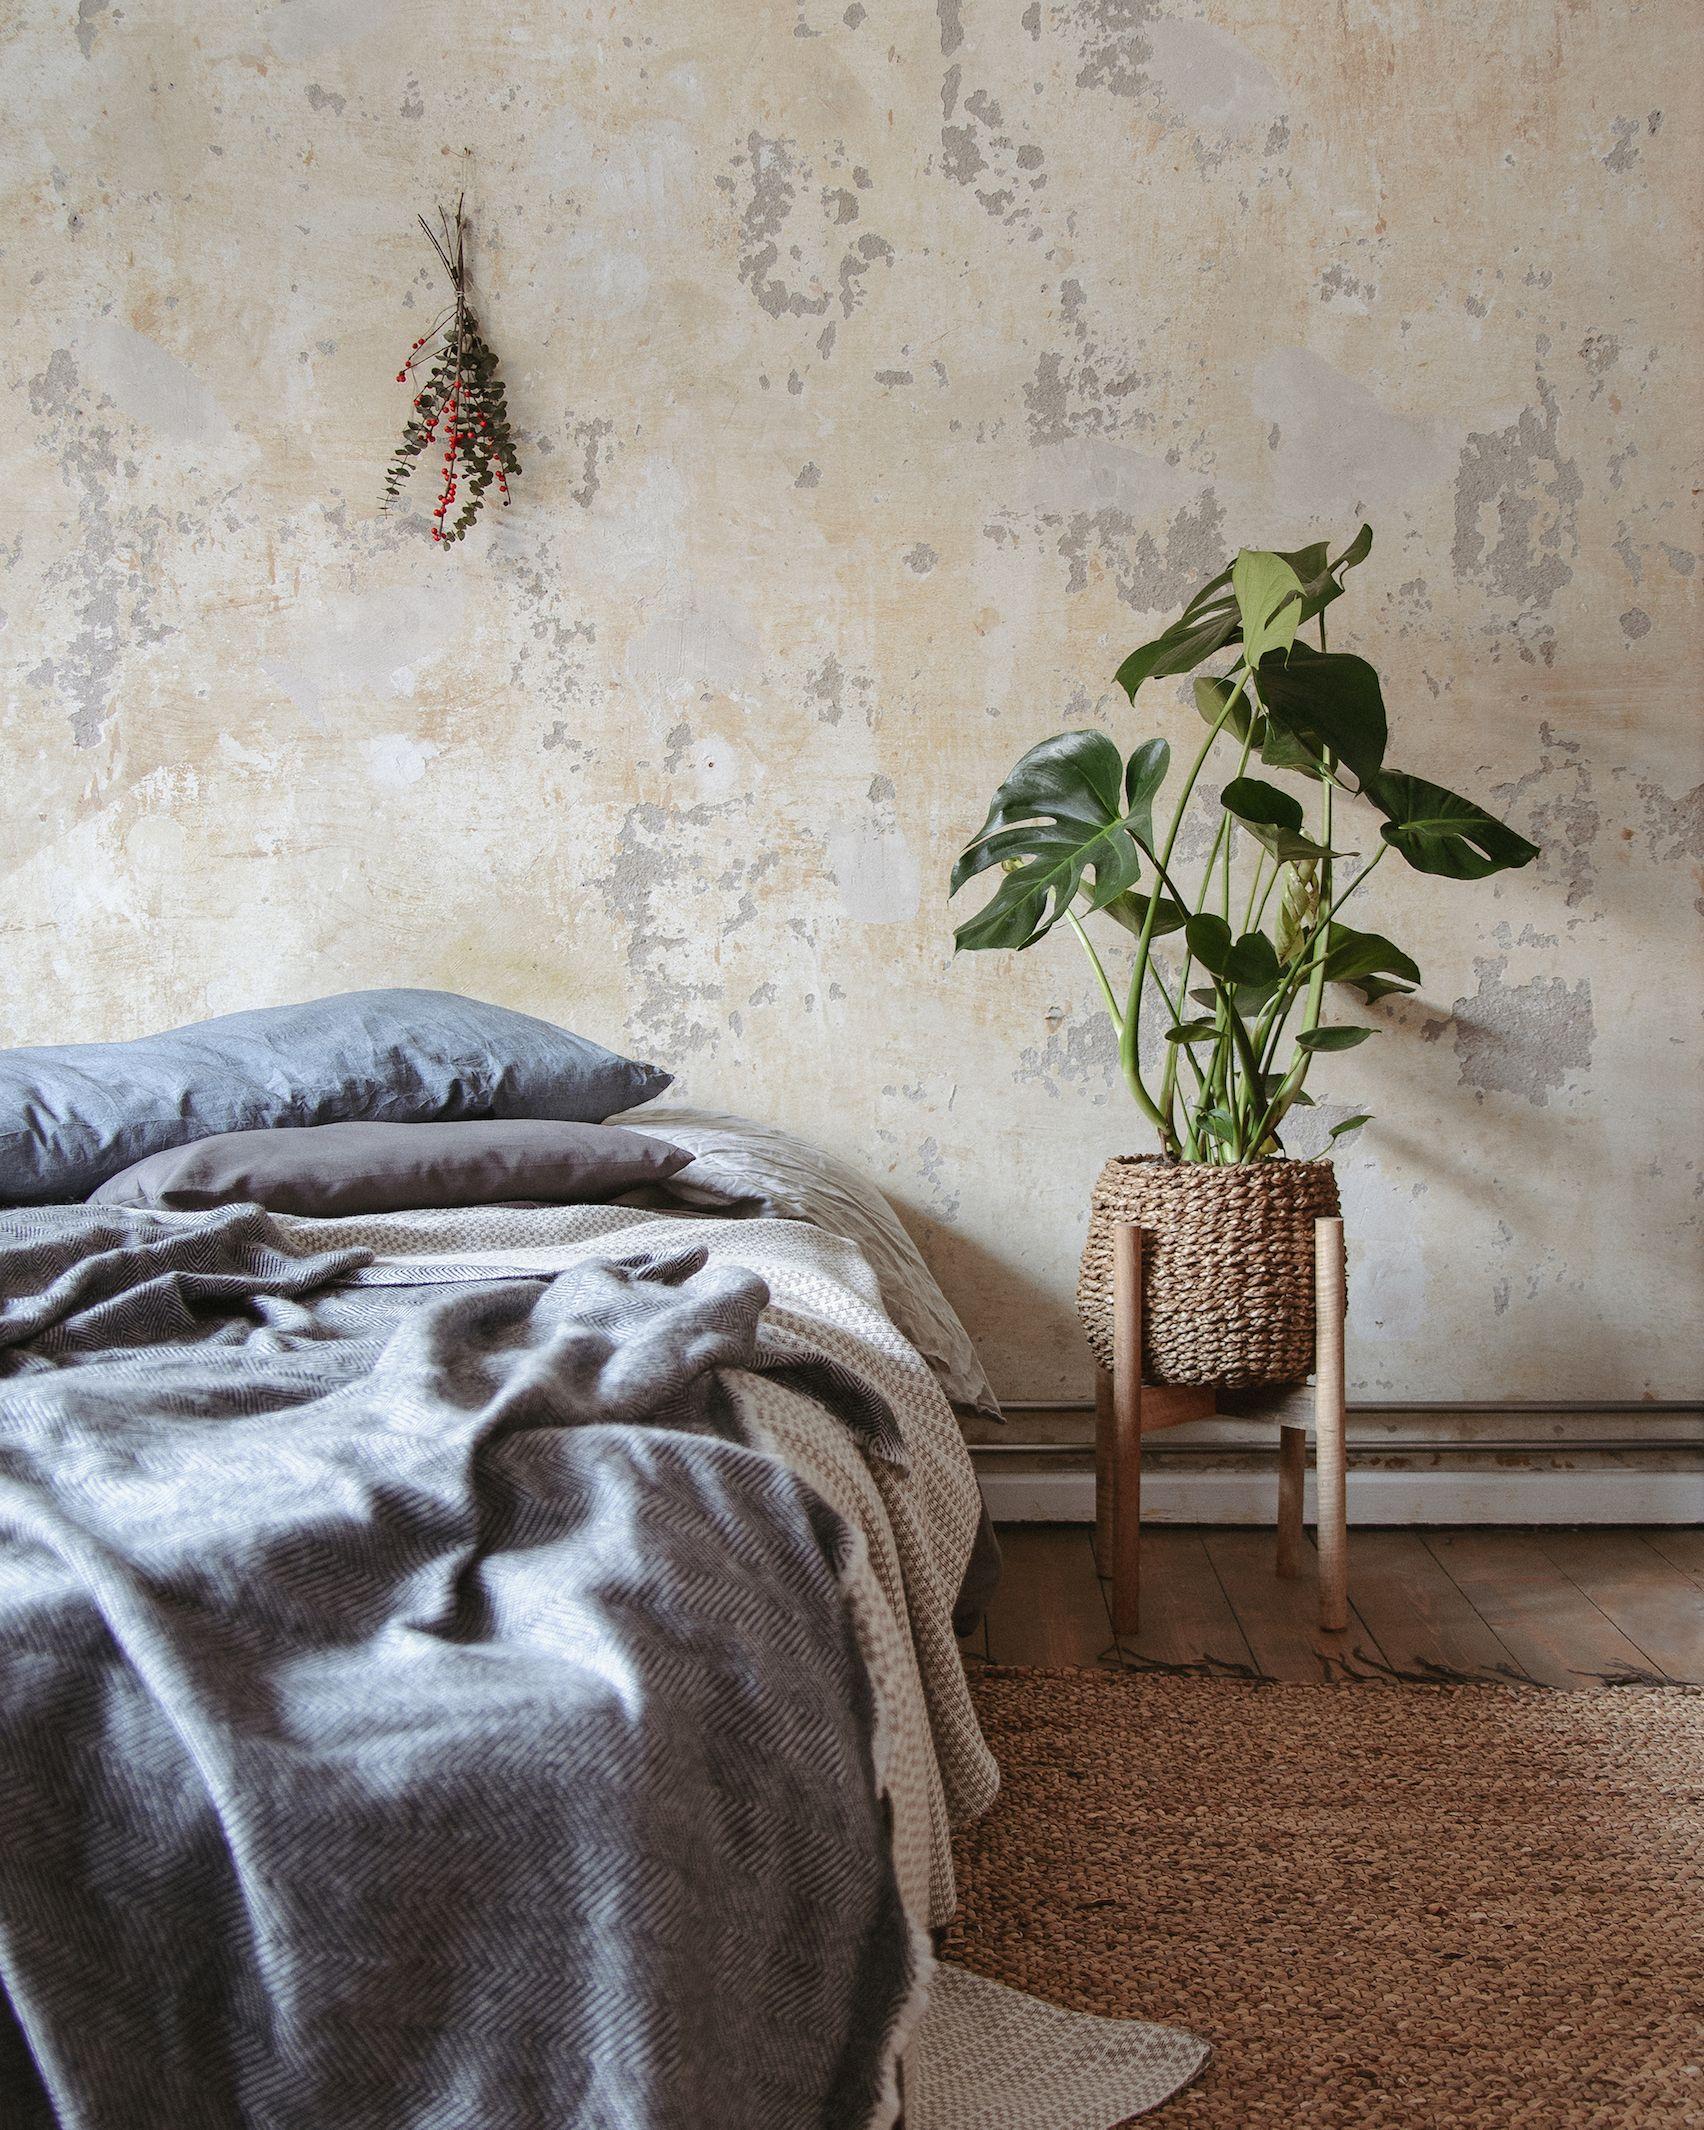 Pflanzen Dekoration Fur Die Wohnung Mit Pflanzenstandern Und Korb Mali Pai Pflanzenstander Mangoholz Minimalistische Dekoration